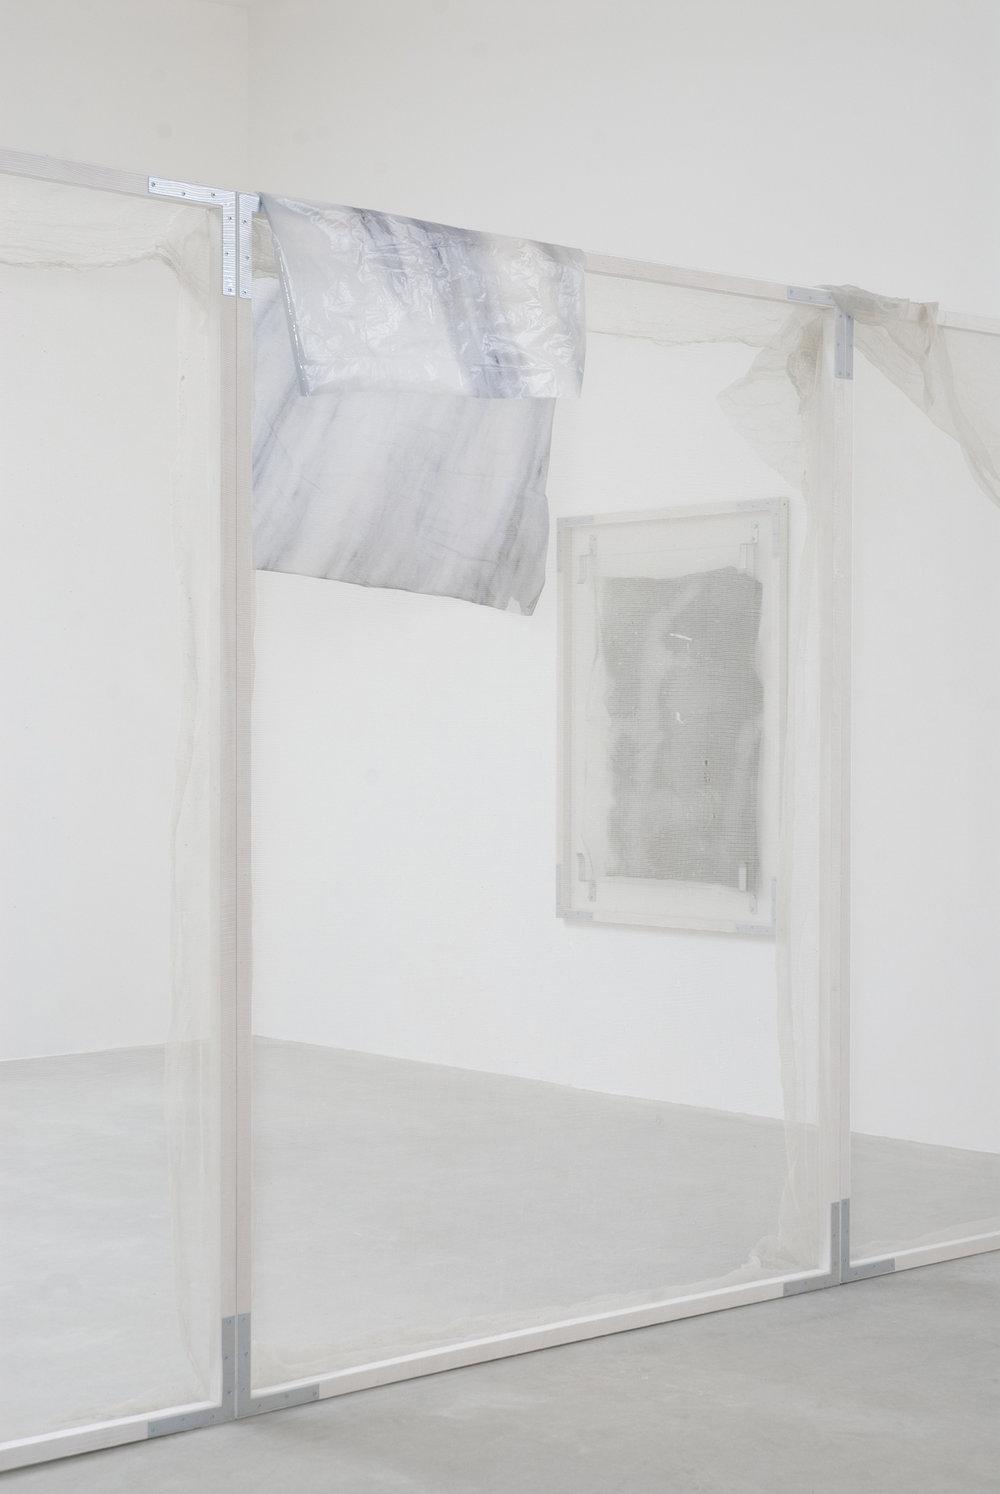 Valerie Snobeck, Le Consortium, Dijon, France, 2012 - Exhibition view